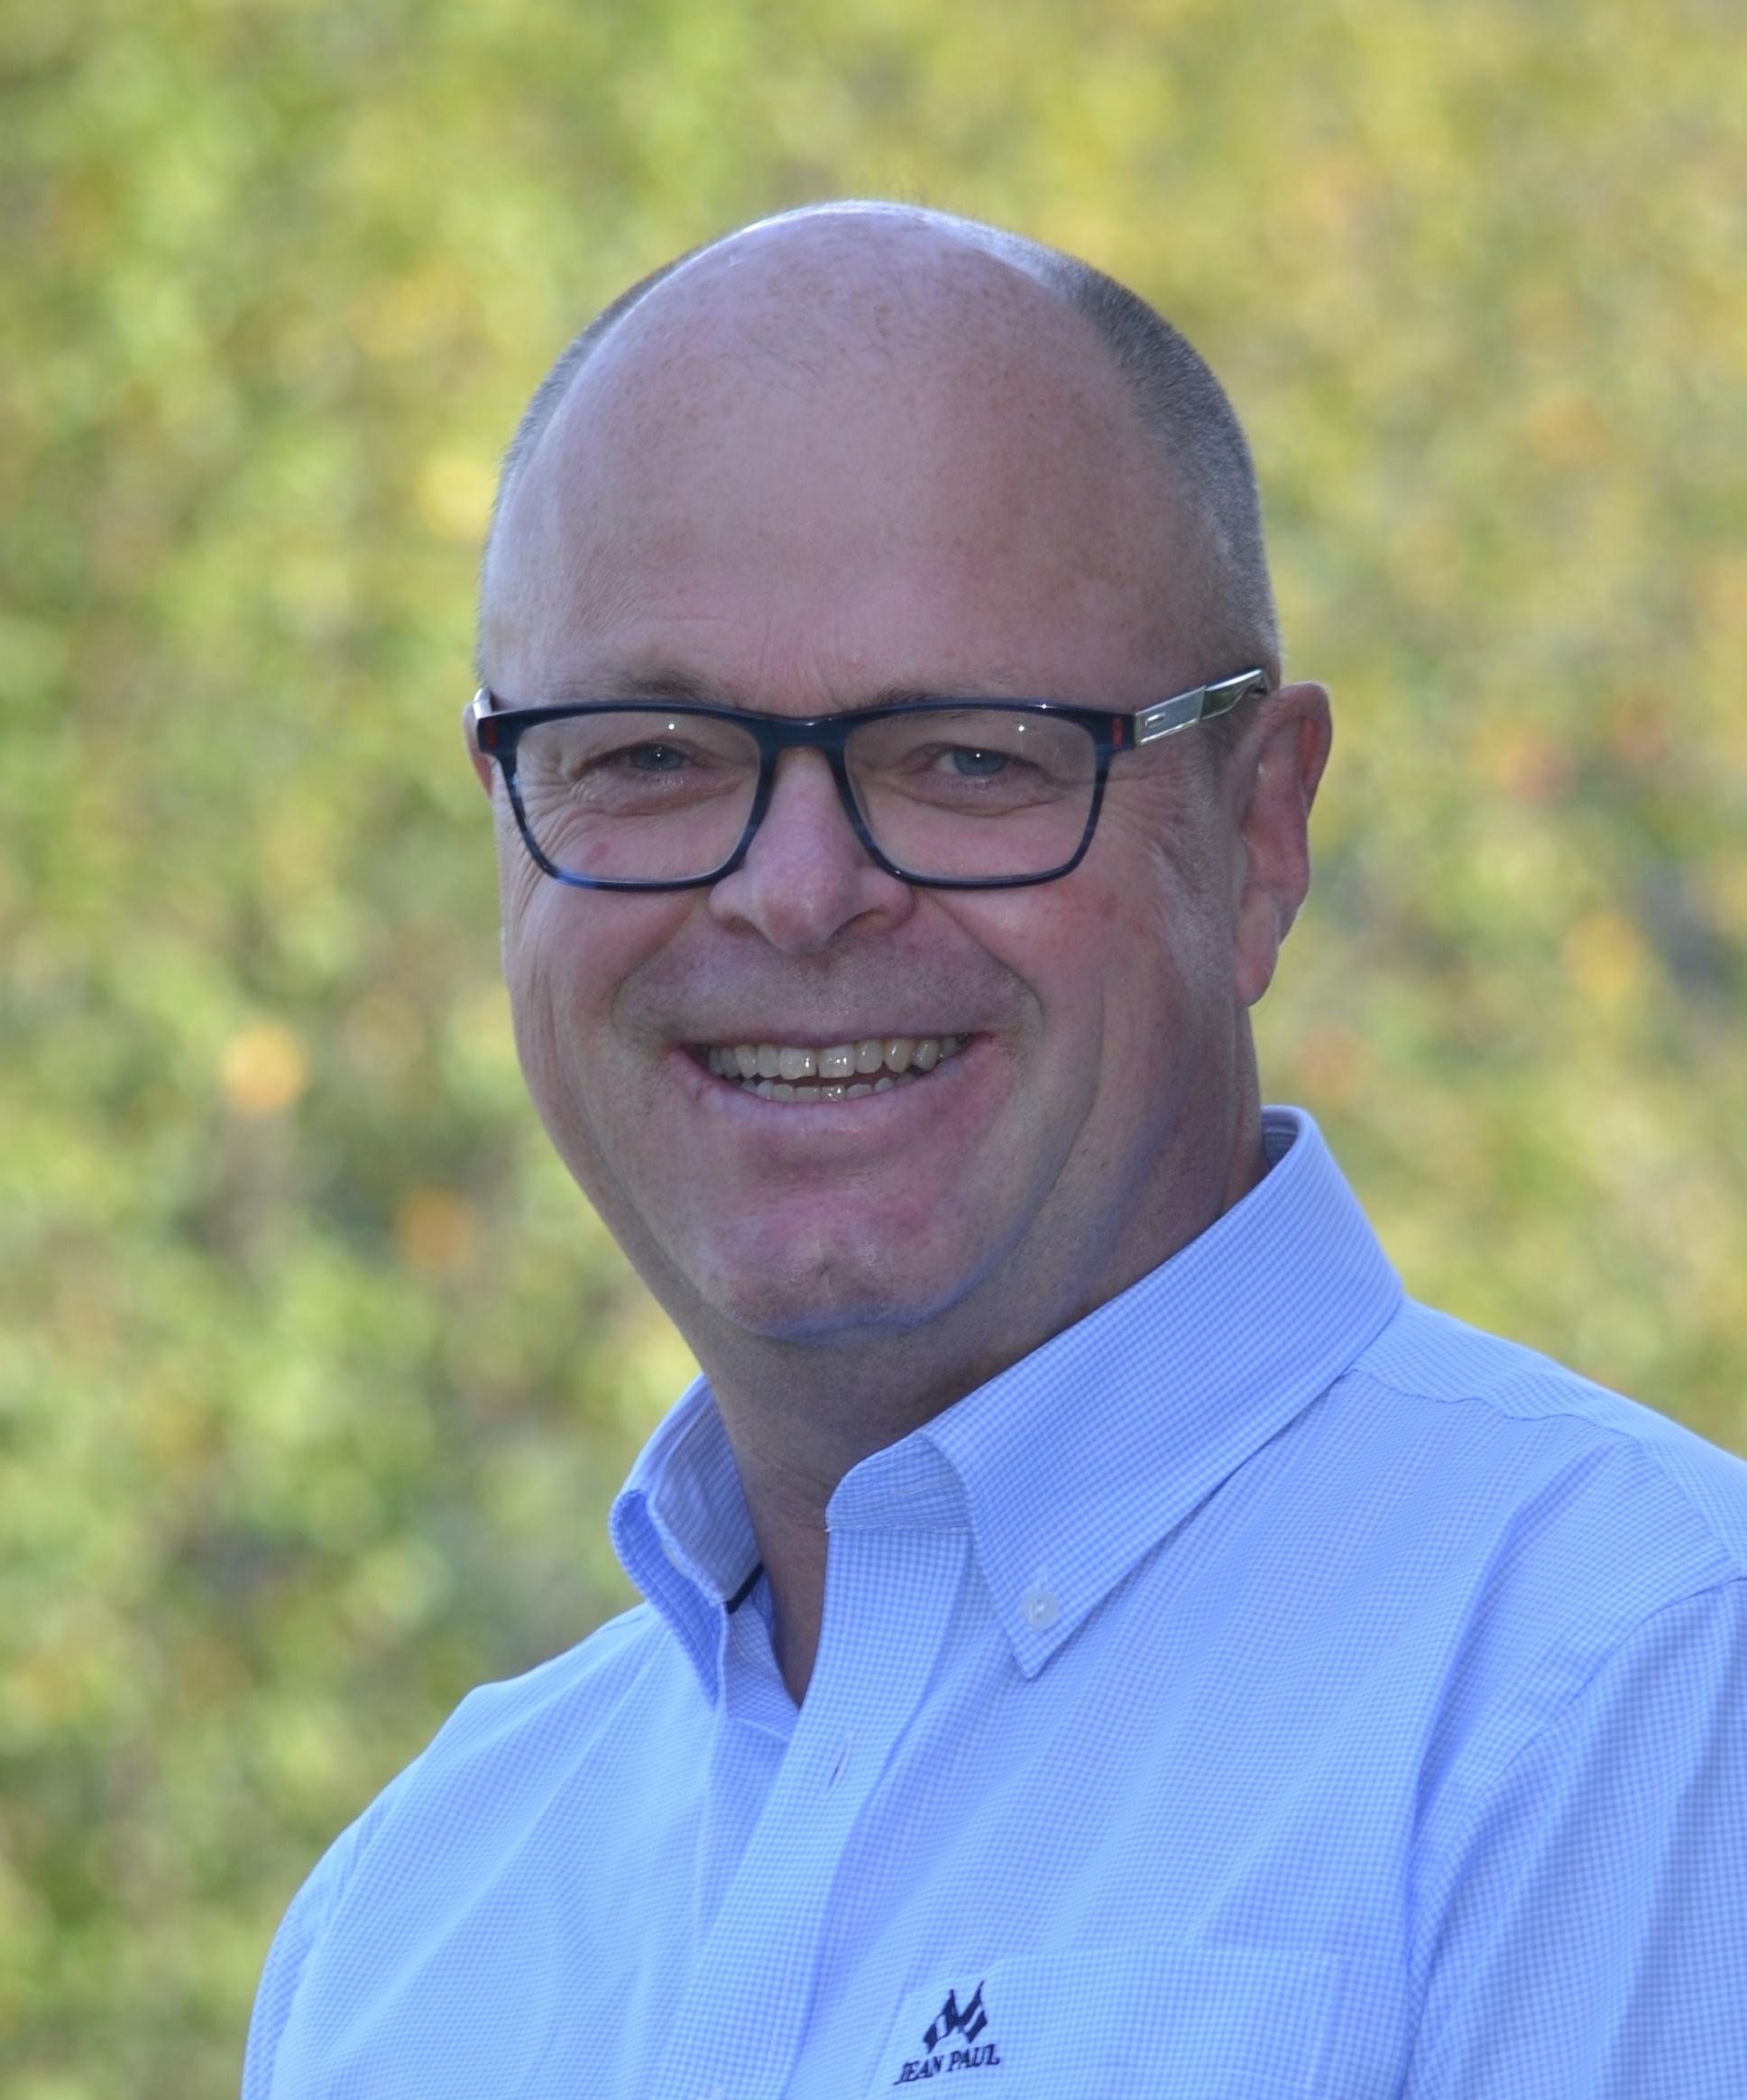 Eivind Kopland